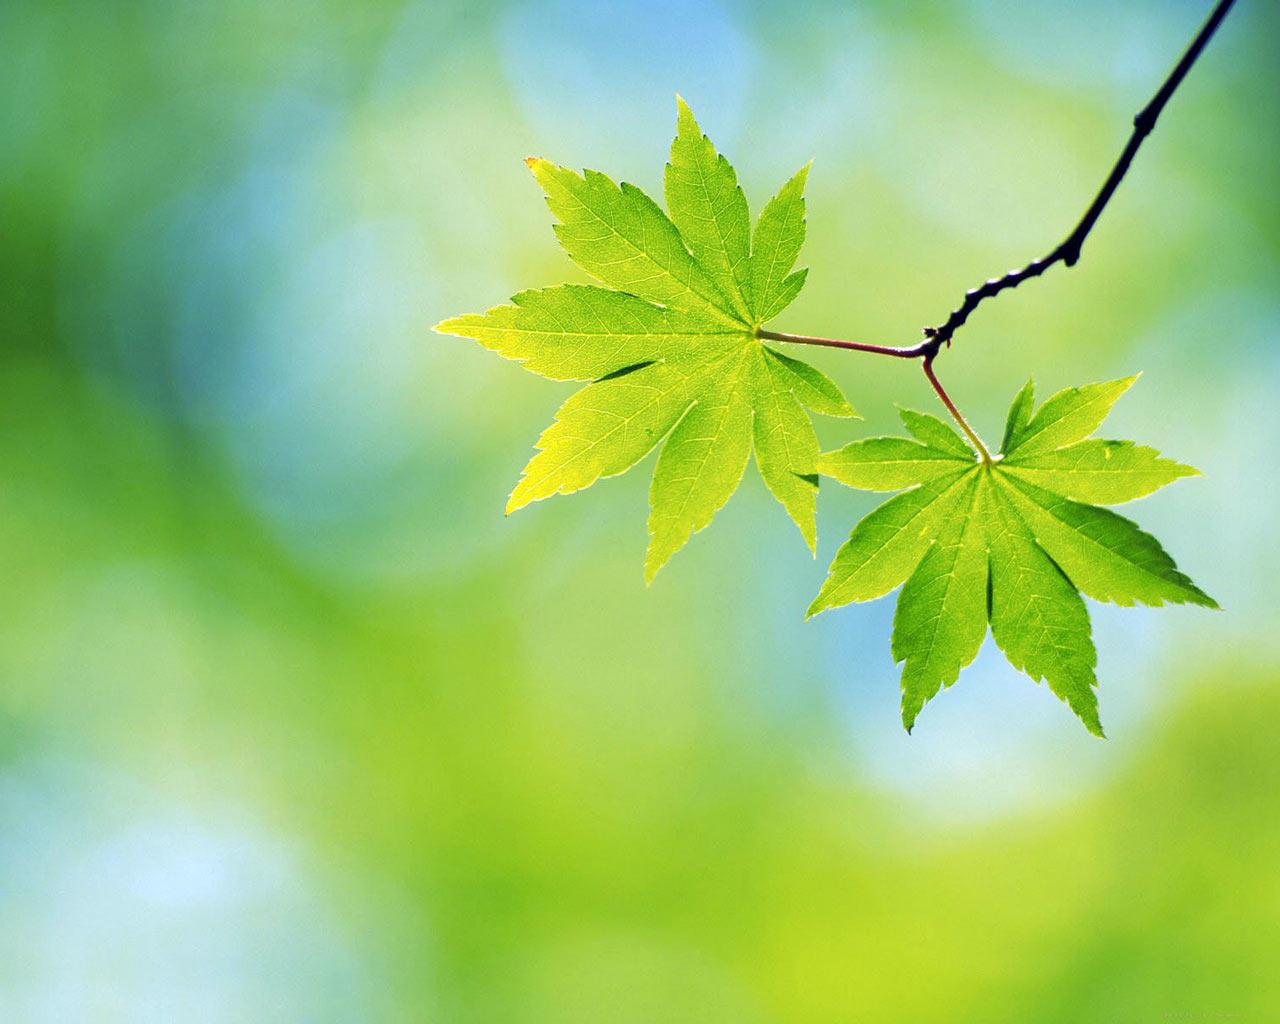 http://1.bp.blogspot.com/-aIxDzIS0rnI/TgrSu7c9WRI/AAAAAAAAFI4/M5JEdWp-Ob4/s1600/spring+nature+pictures-2.jpg